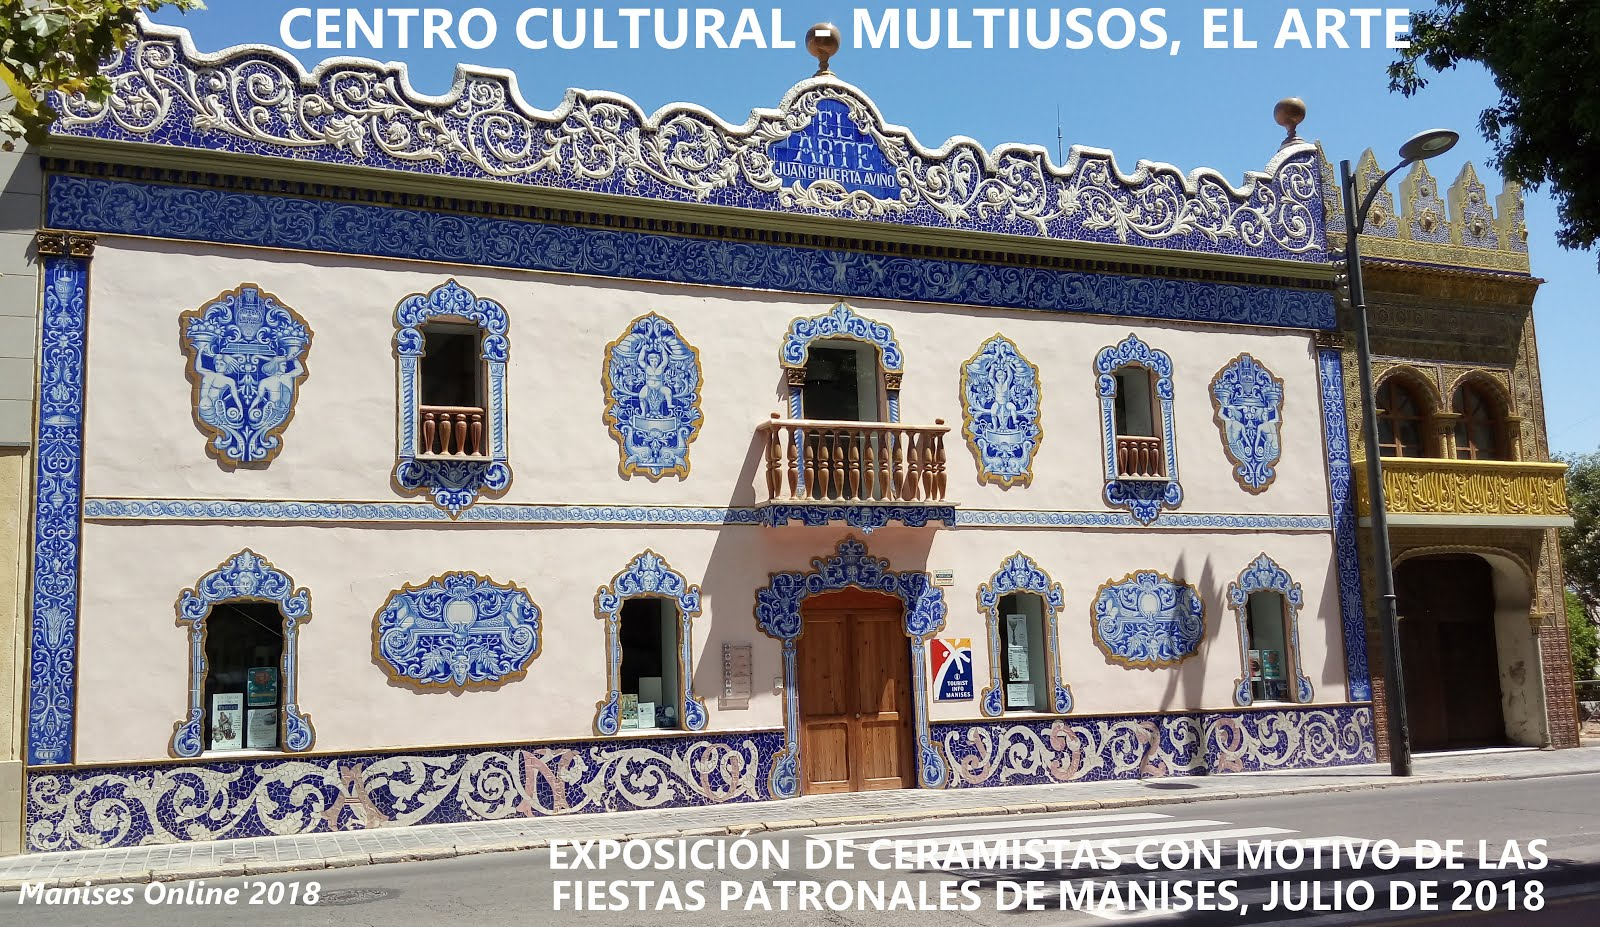 12.07.18 EXPOSICIÓN DE ARTESANOS CERAMISTAS EN EL CENTRO CULTURAL EL ARTE